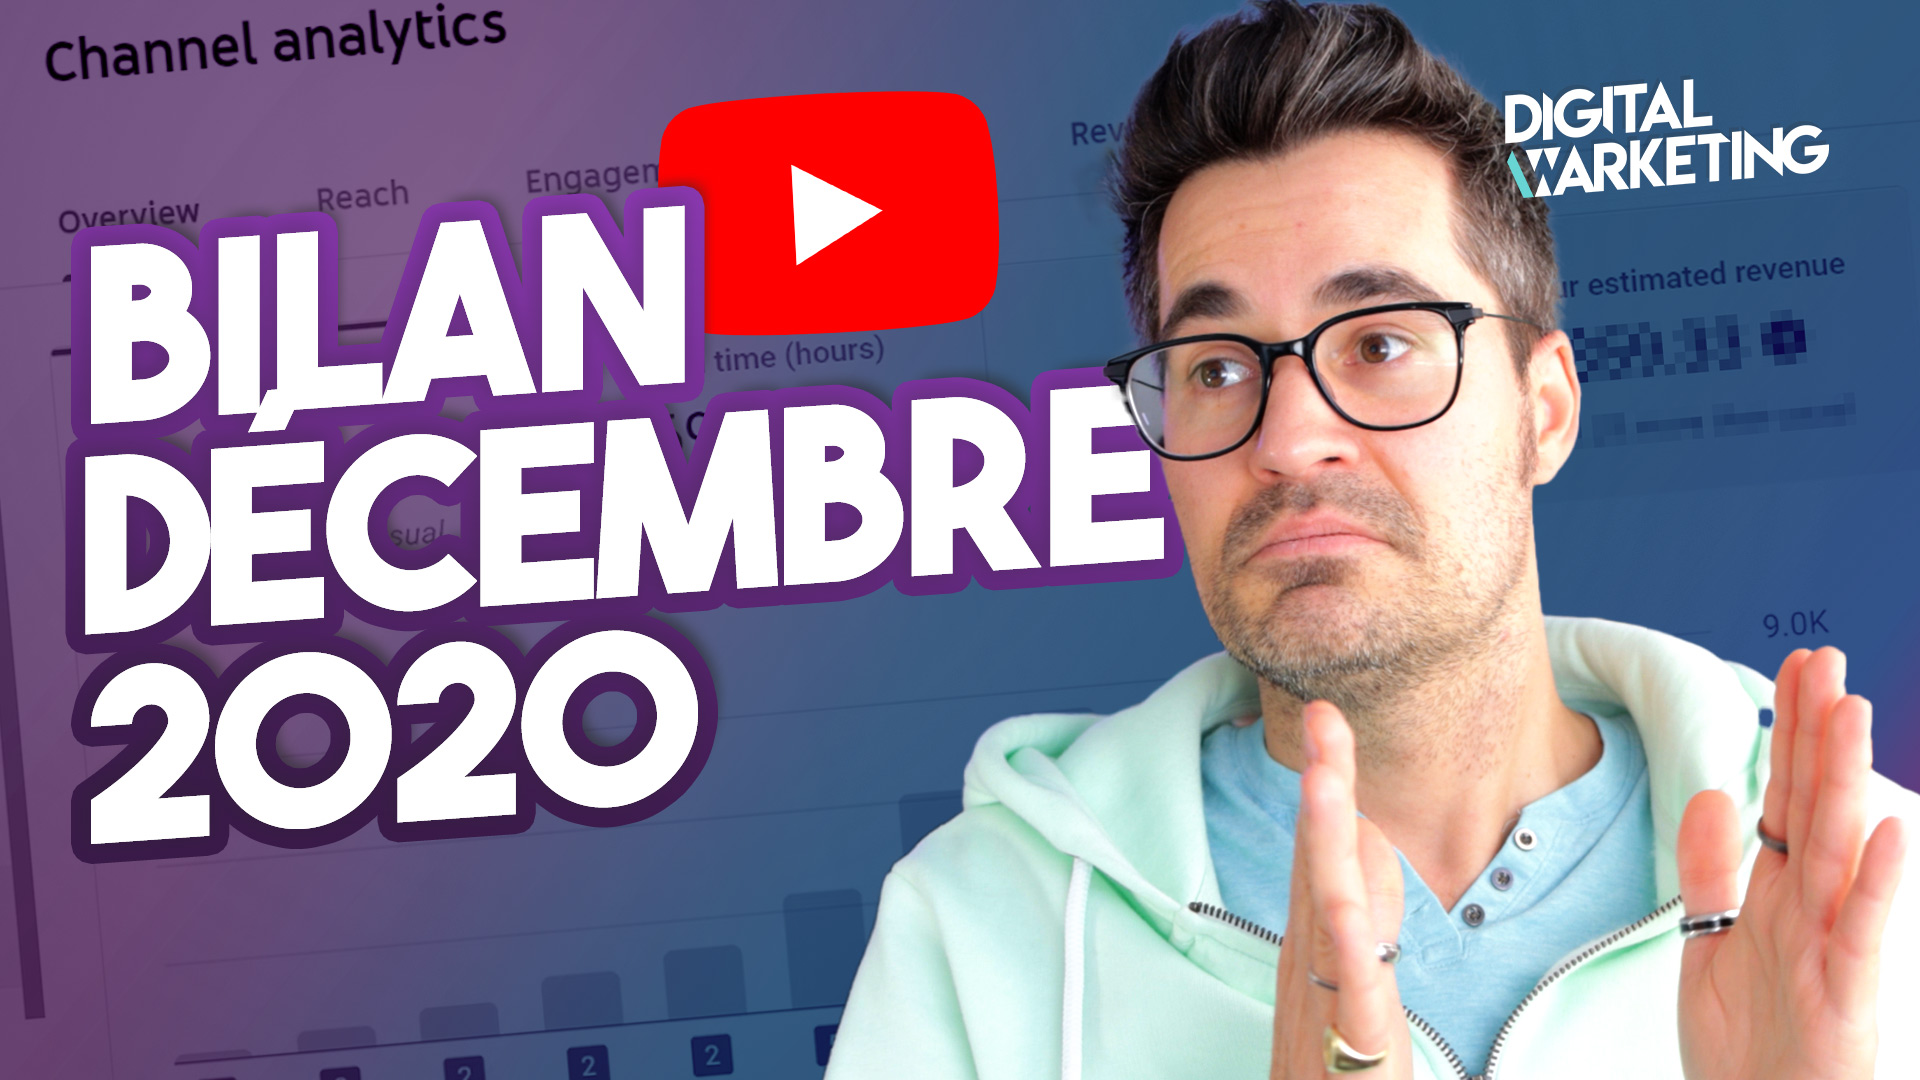 ANALYSE données analytiques YouTube Décembre 2020 – OBJECTIFS 2021 (Podcast, Live, Abonnés)